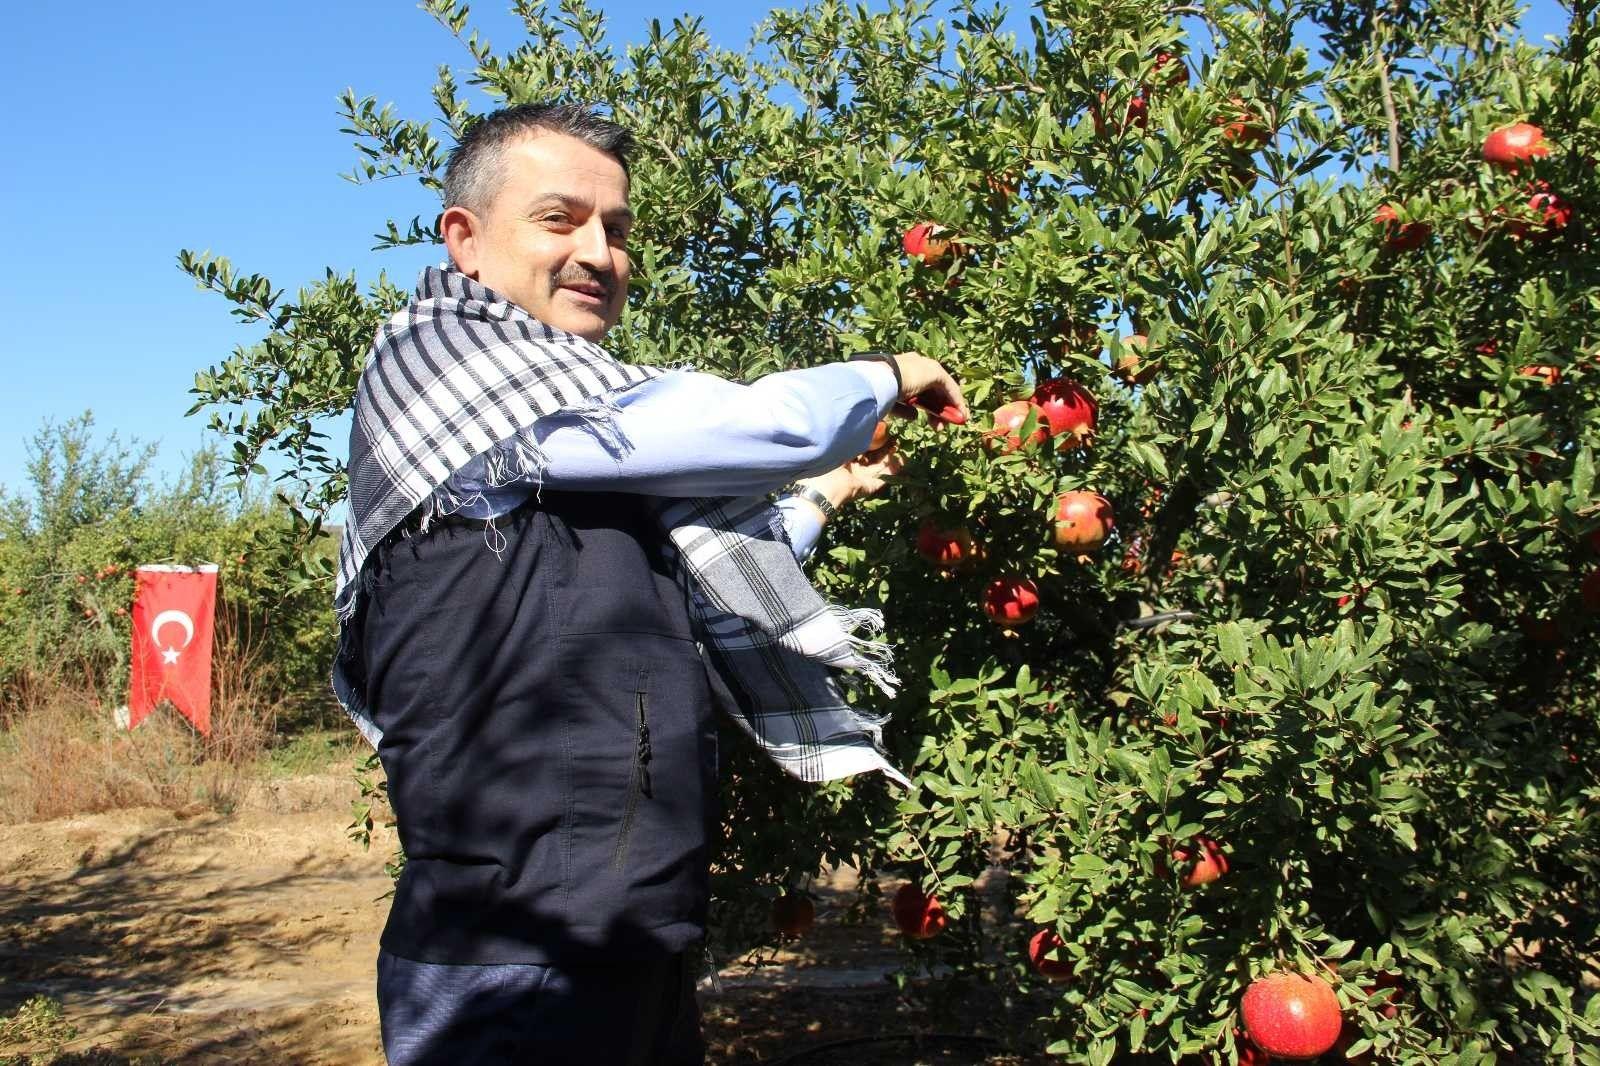 2021/09/akdeniz-meyve-sinegine-karsi-kisir-bocek-salimi-20210924AW42-3.jpg